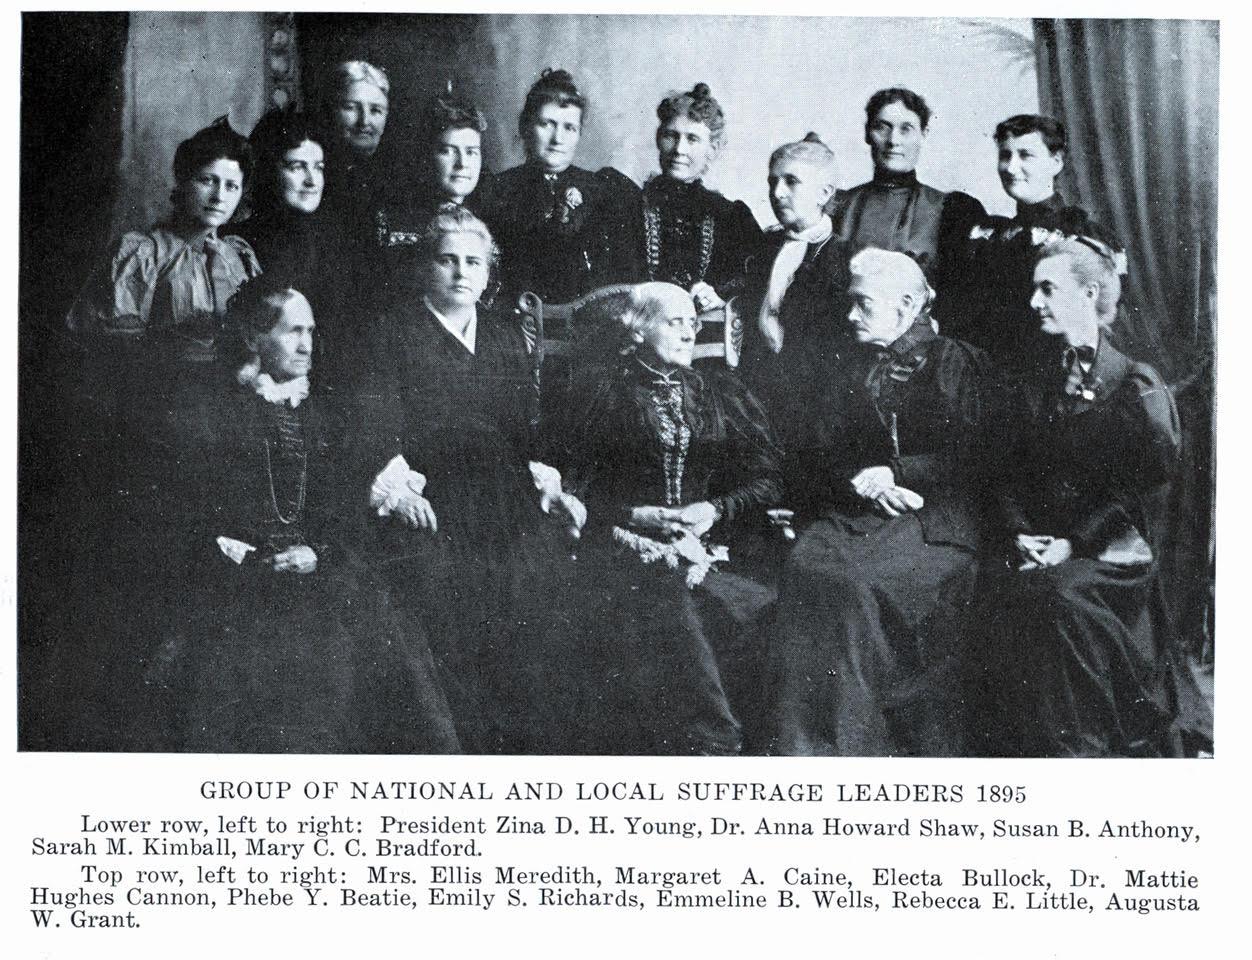 nationalsufferagegroup.jpg